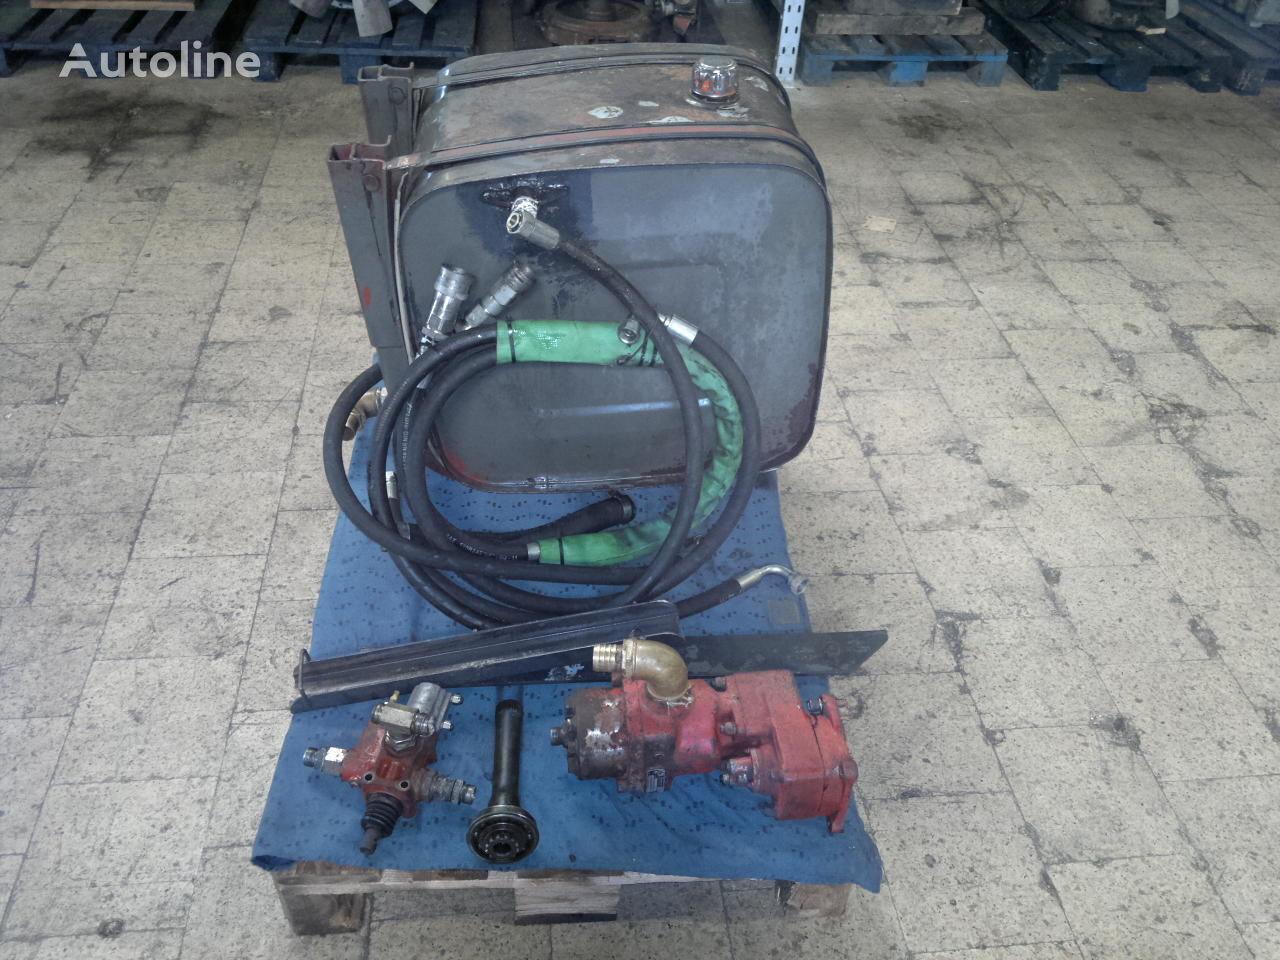 réservoir de carburant Hydraulic Kit Lkw pour tracteur routier